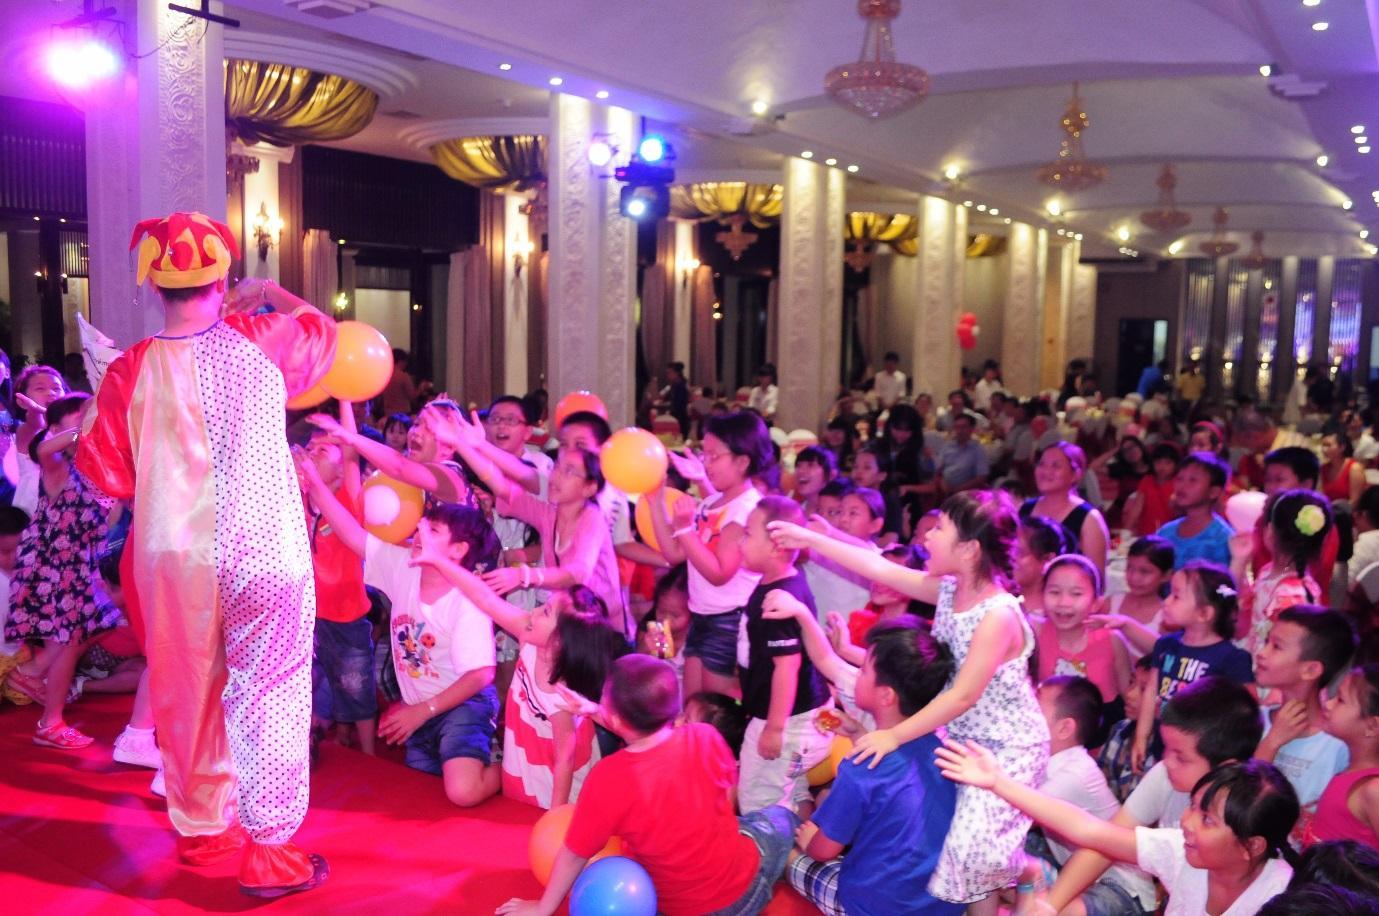 C:\Users\Administrator\Documents\Ánh sáng gia đình\tổ chức sự kiện chương trình thiếu nhi\to-chuc-su-kien-chuong-trinh-thieu-nhi-01.JPG